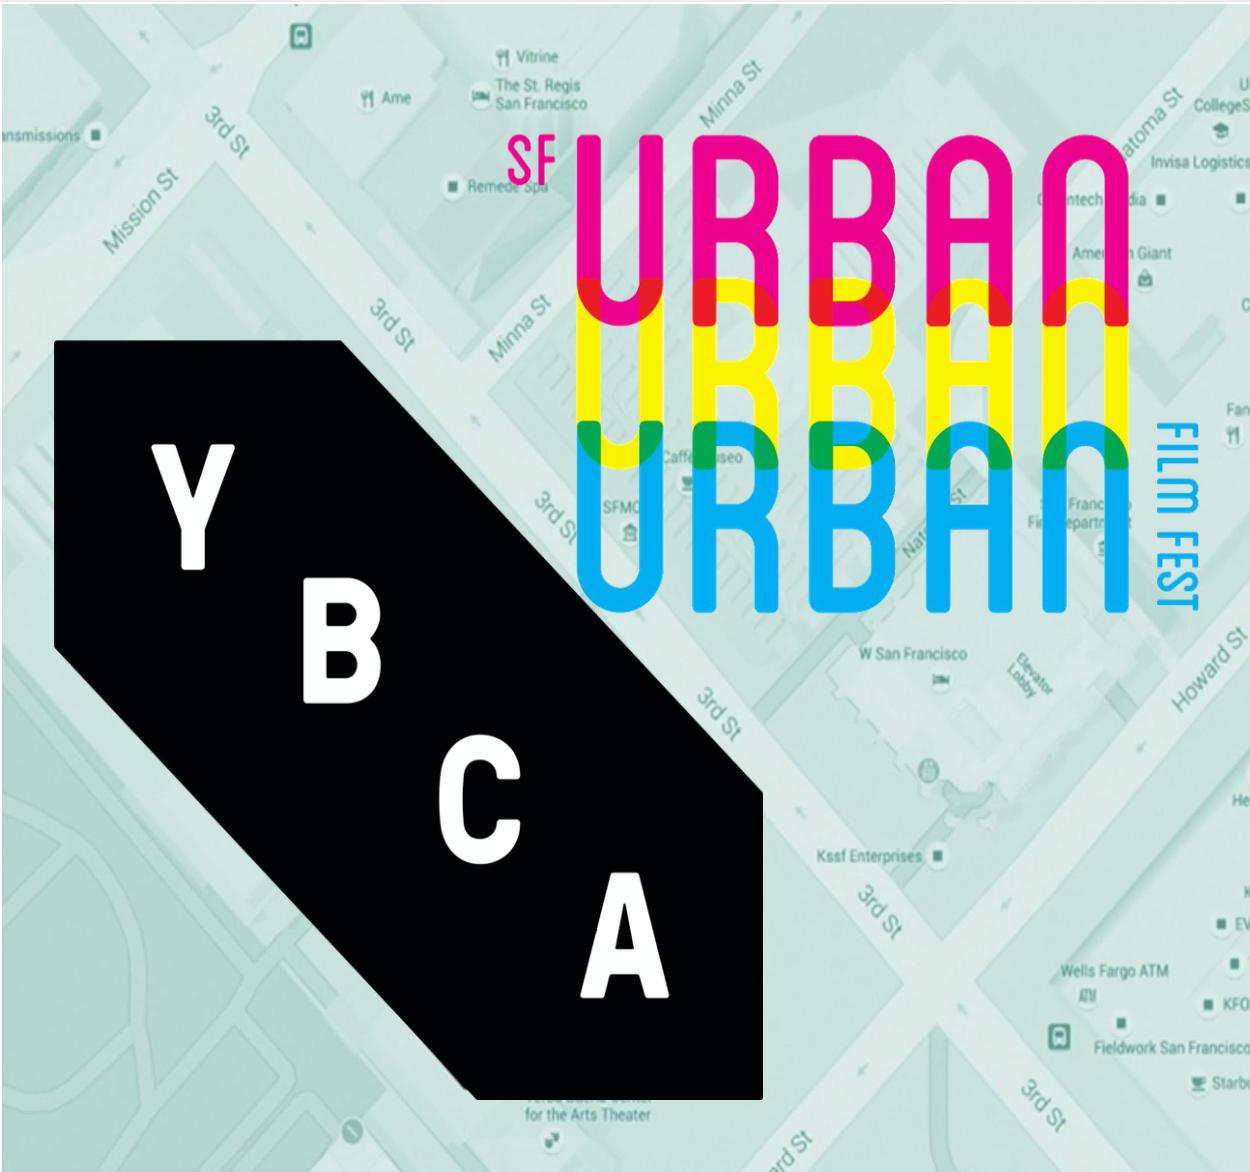 YBCA SF Urban Urban Urban Film Fest